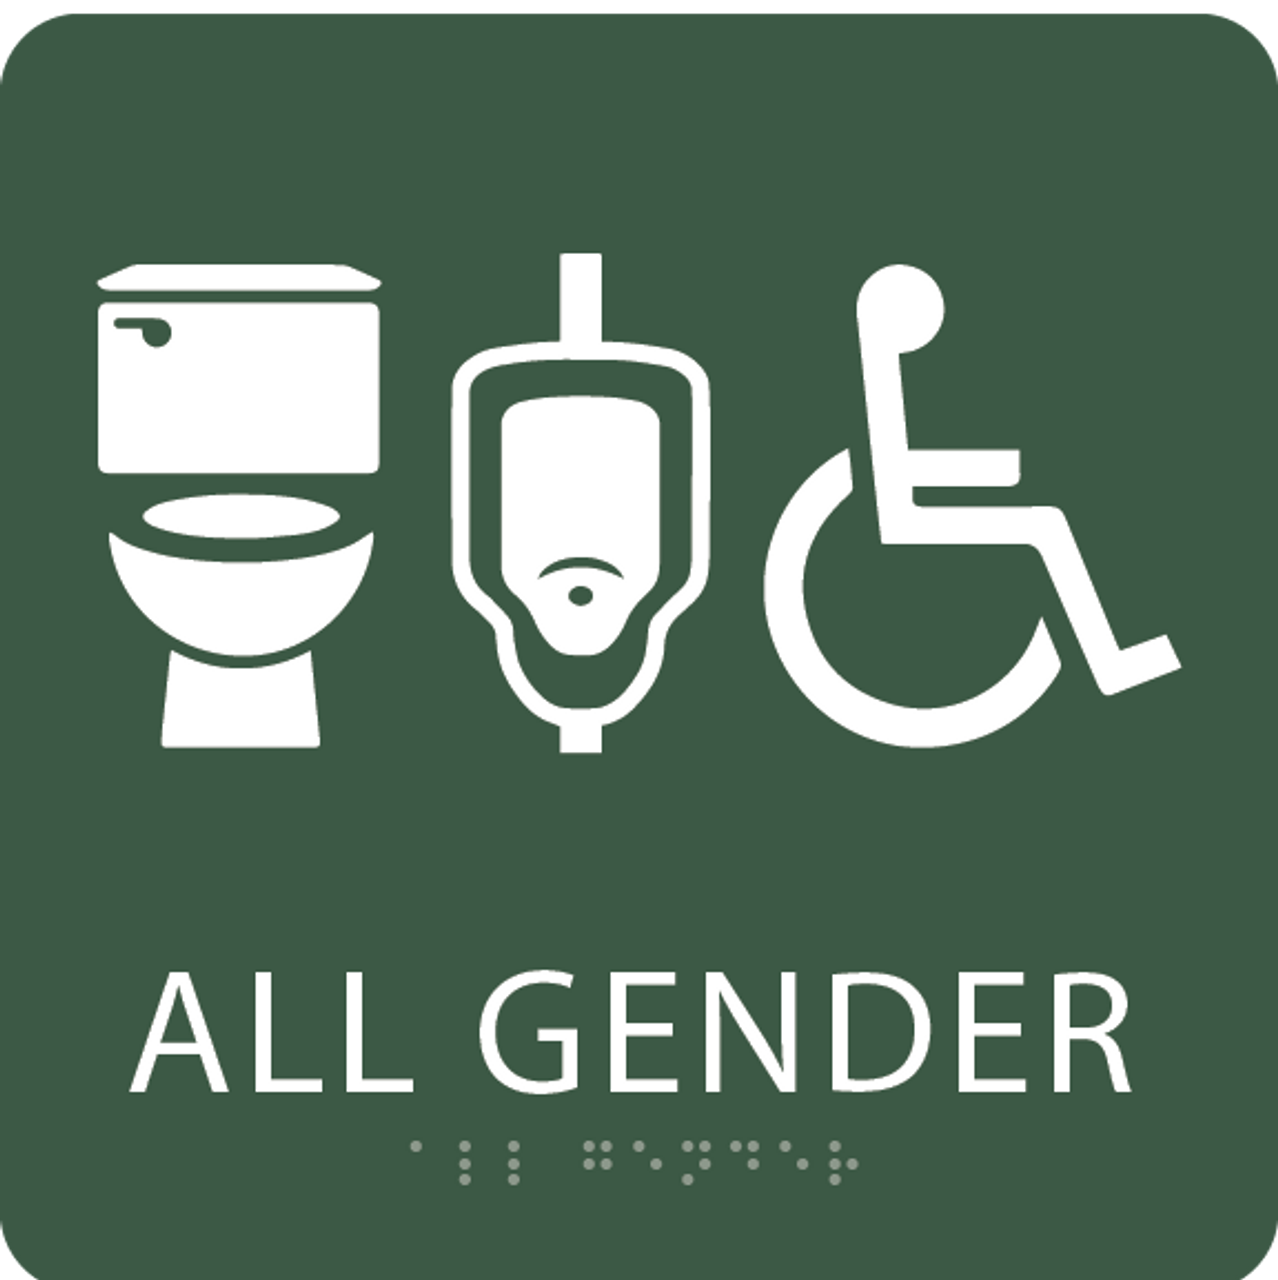 Spruce All Gender Neutral Restroom Sign